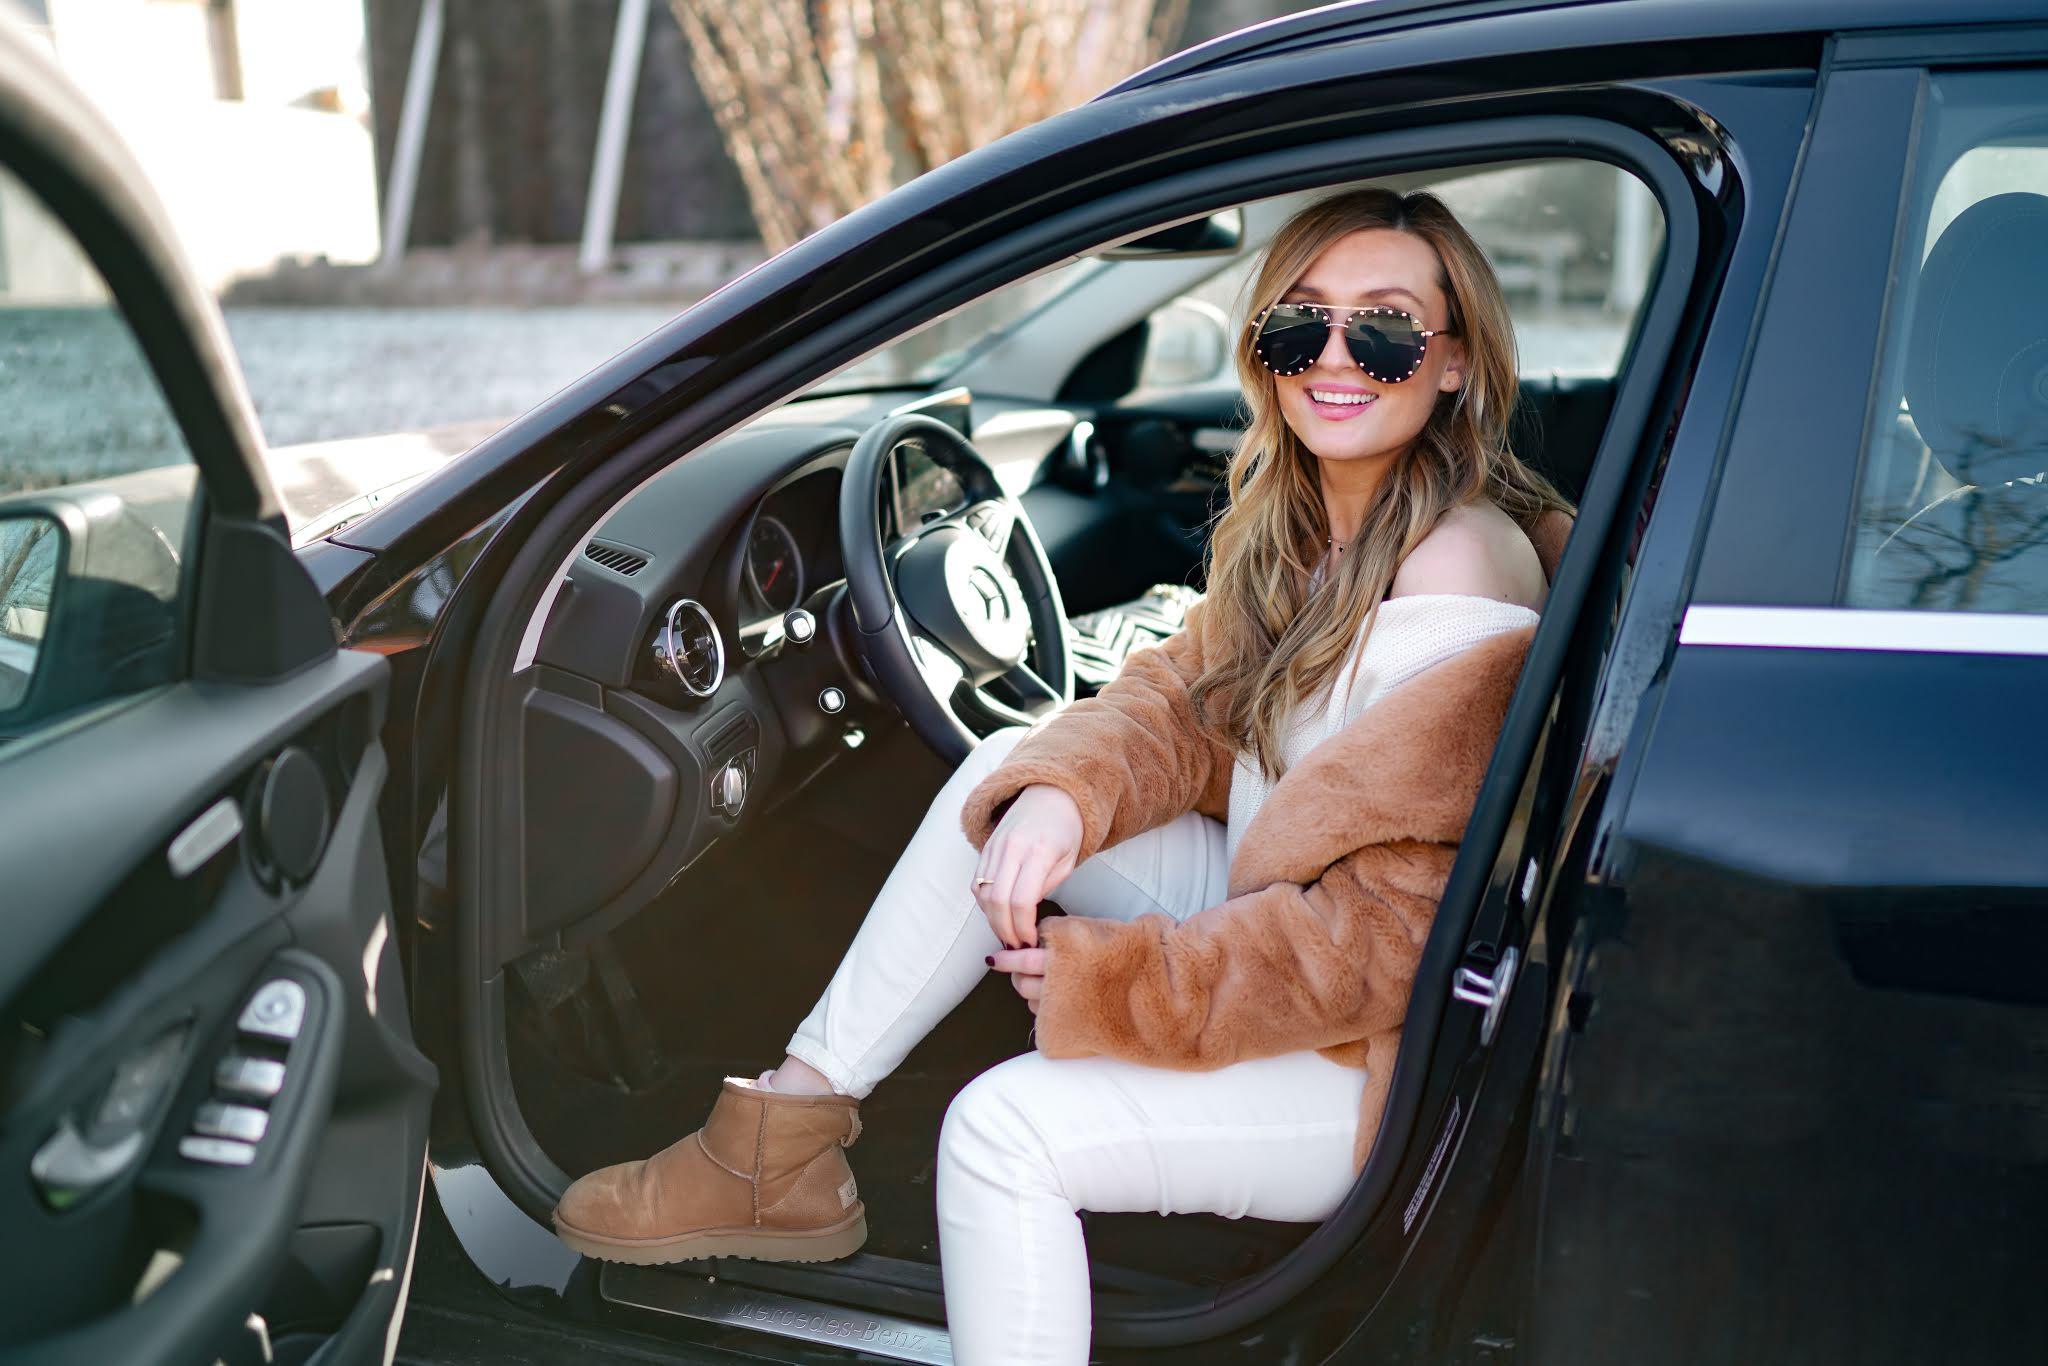 Ugg-boots-braune-ugg-boots-kombinieren-wie-kombiniert-man-einen-teddymantel-Outfitinspiration-Weiße-jeans-kombinieren-outfitinspiration-fashionstylebyjohanna (5)